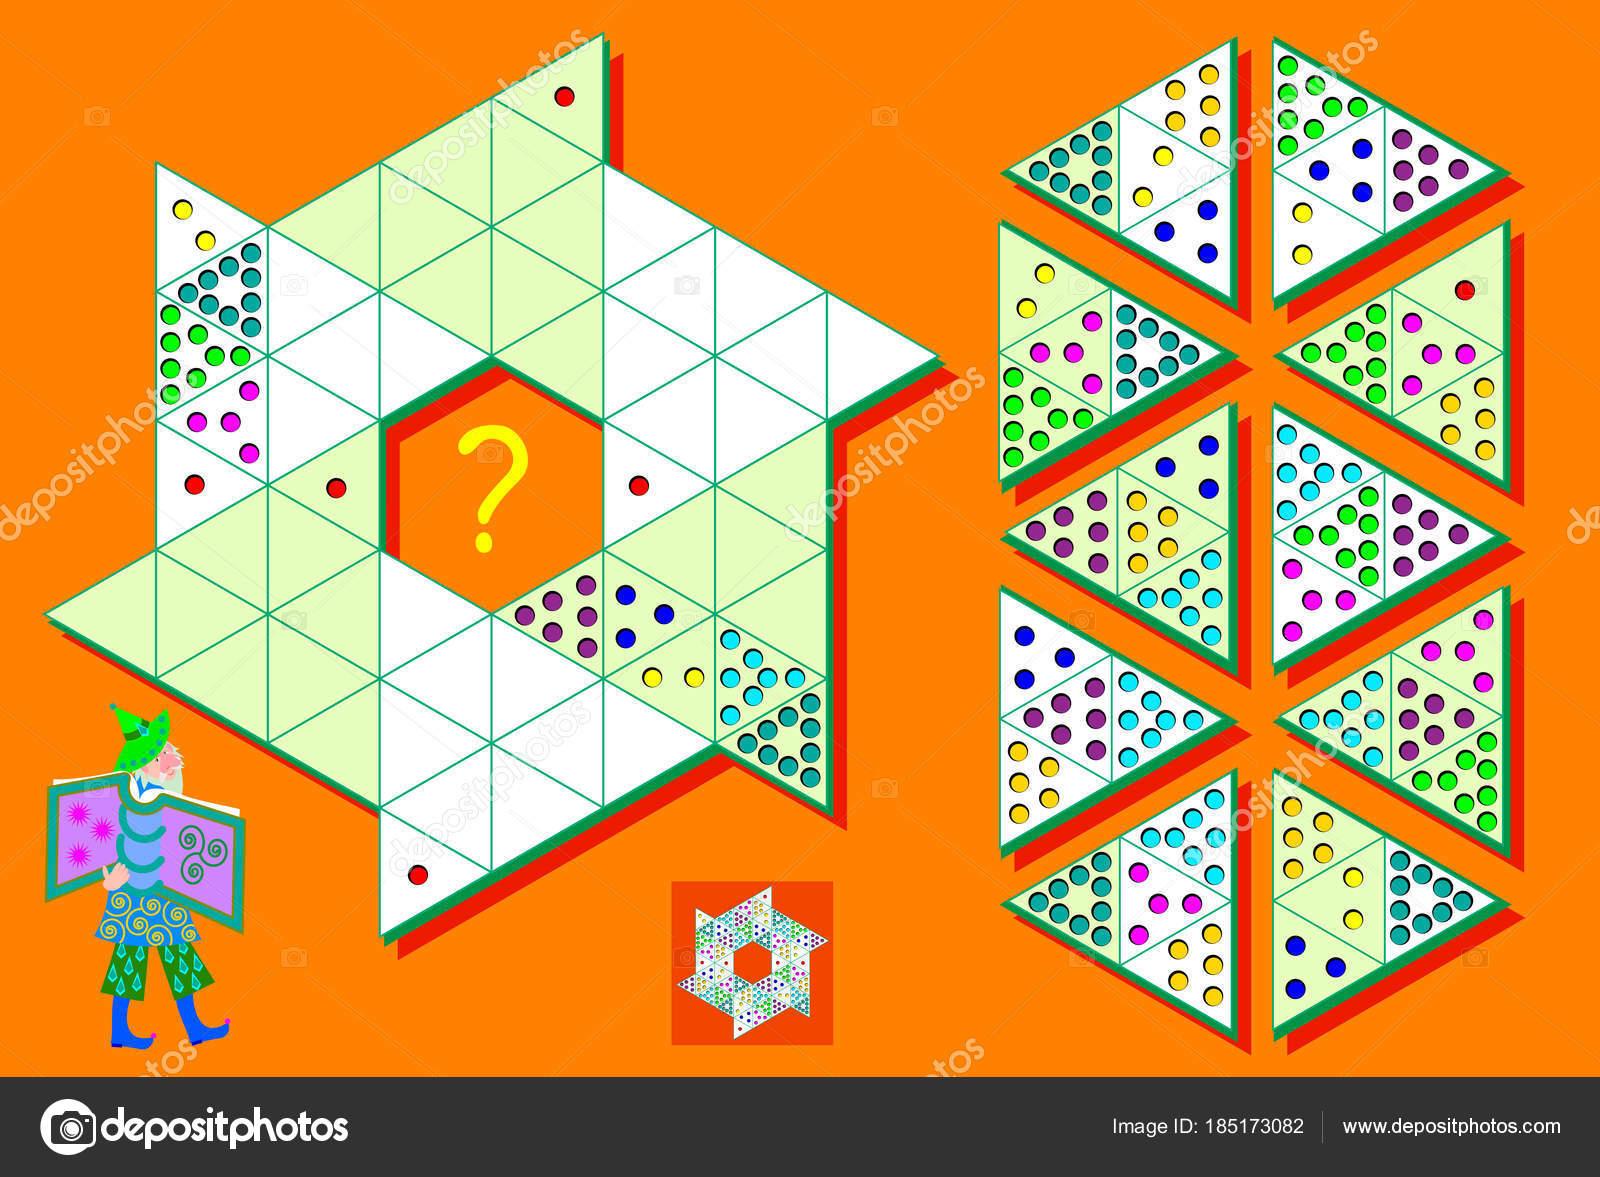 Logikspiel Sudoku Dreiecke Musst Das Puzzle Mit Den Restlichen Daten ...